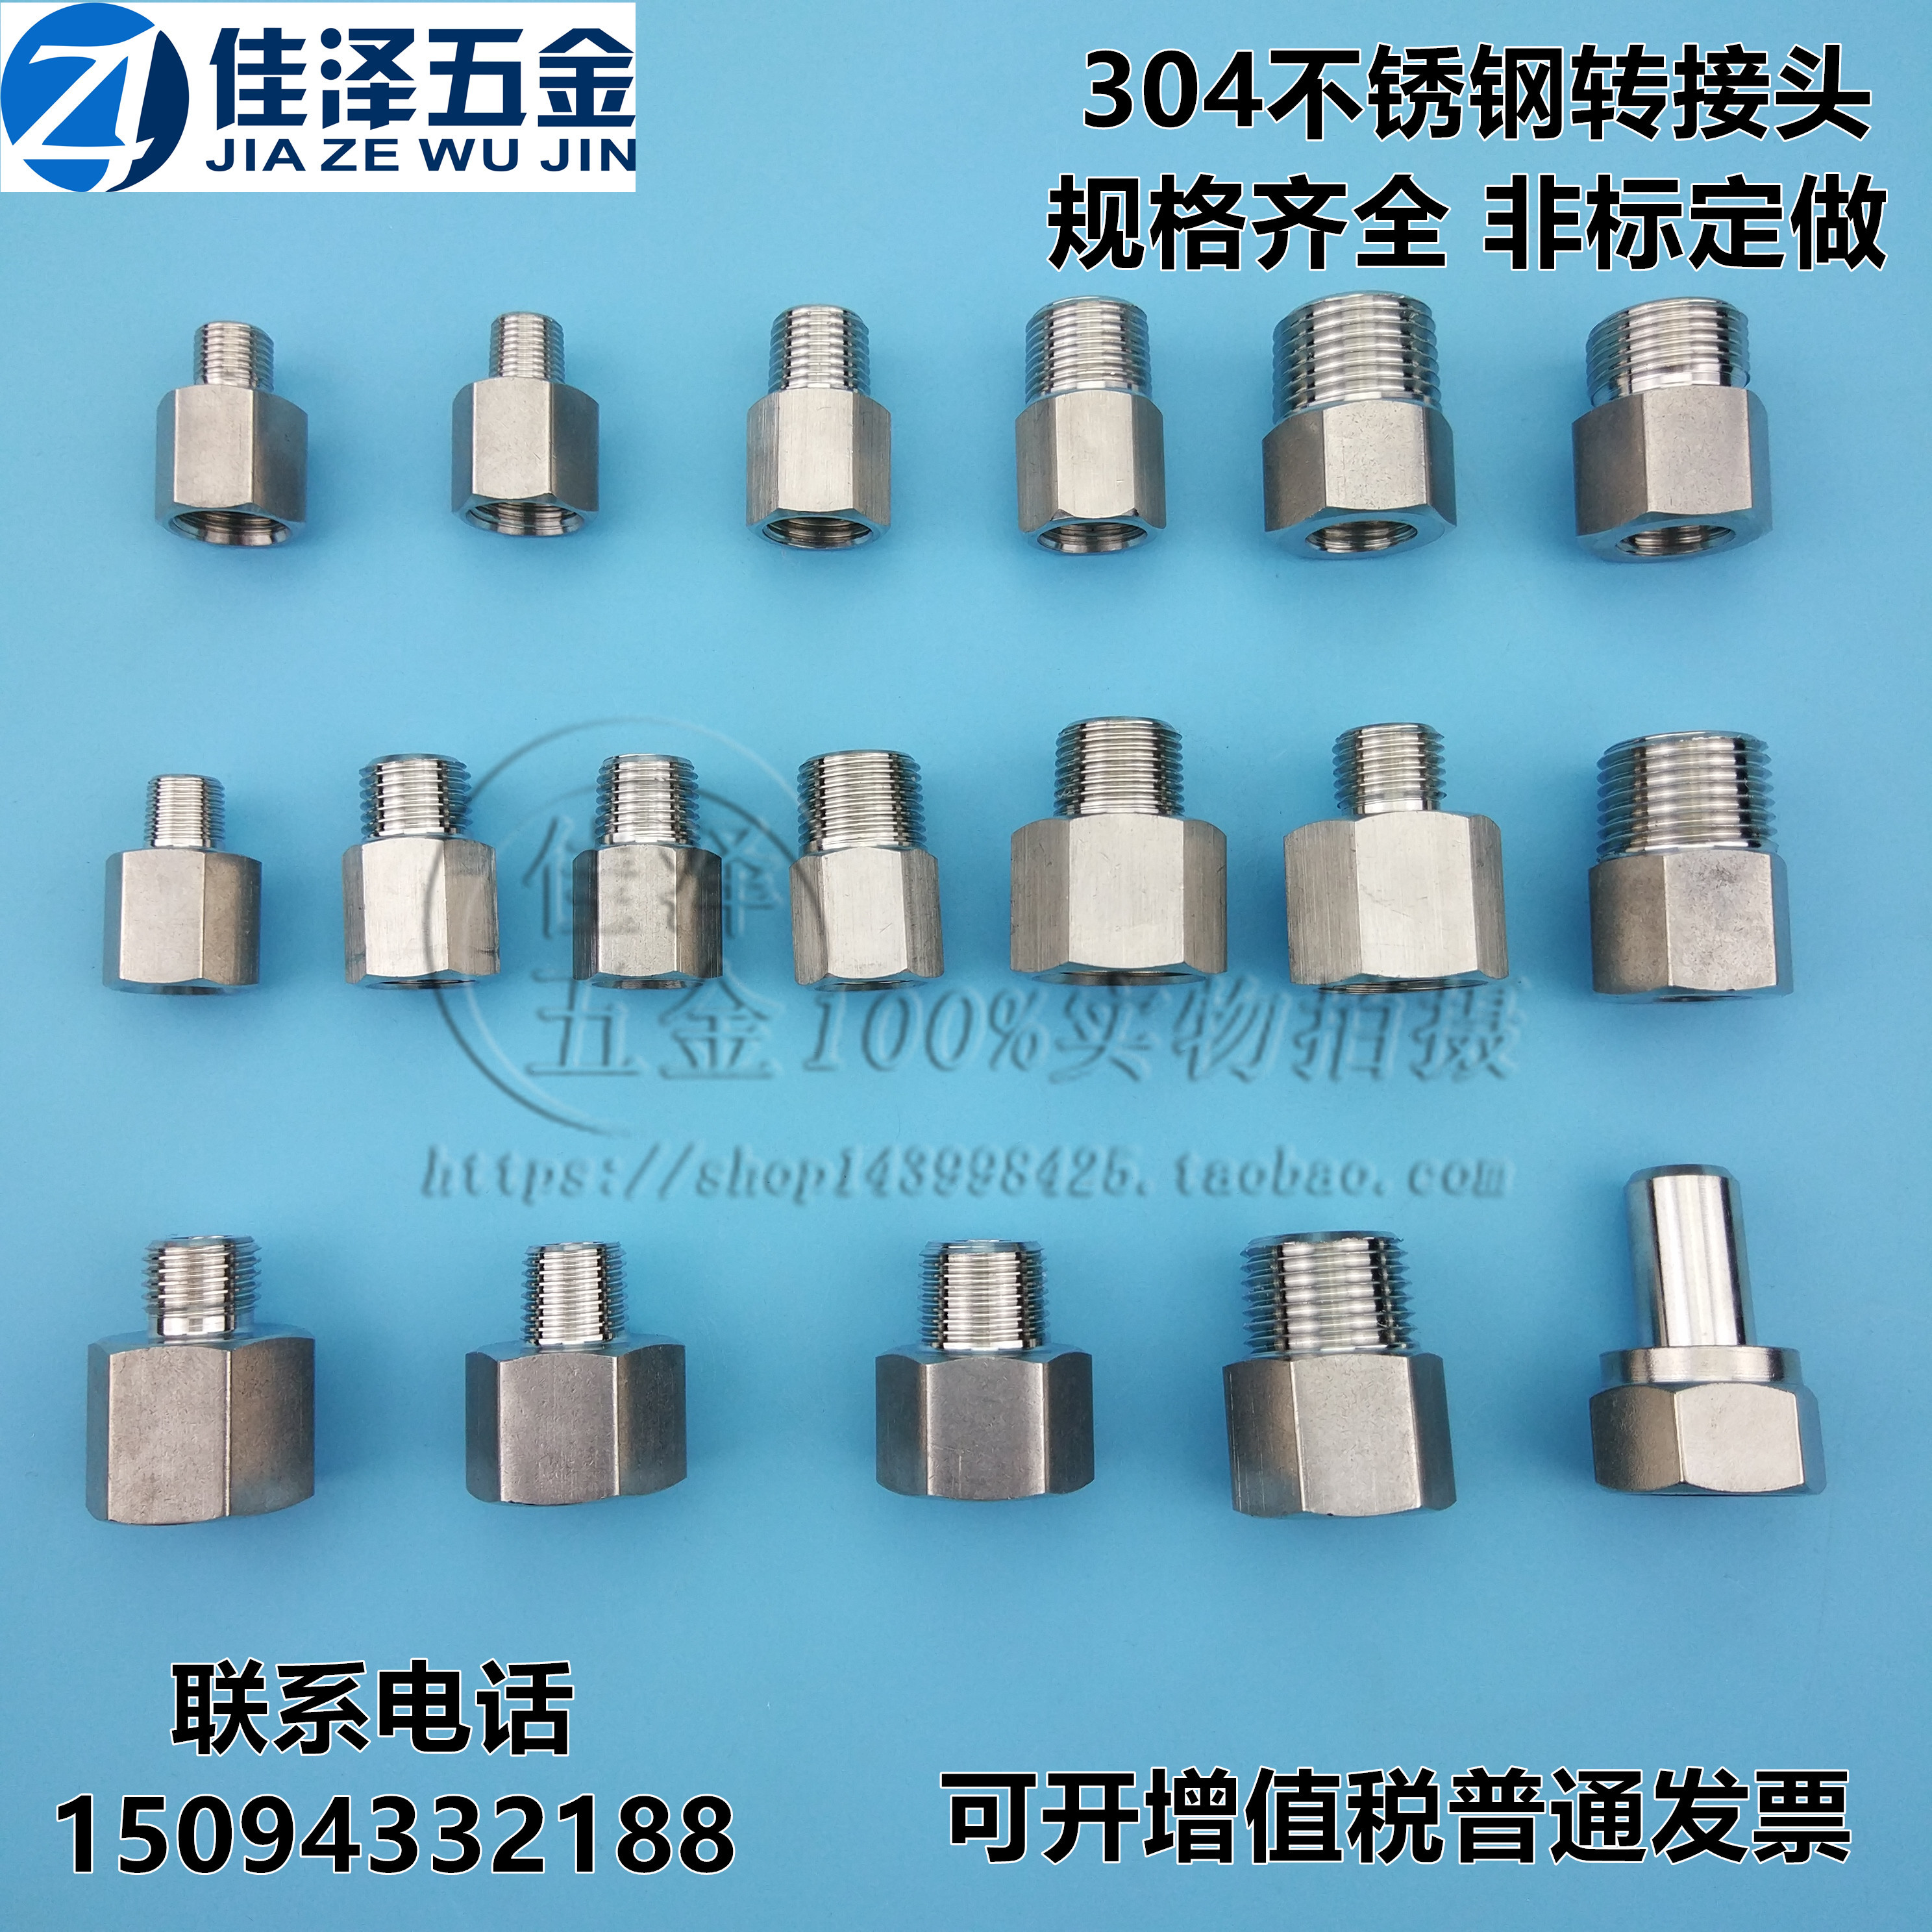 压力表304不锈钢内外丝牙转换接头1234分英制螺纹焊接活接头补芯